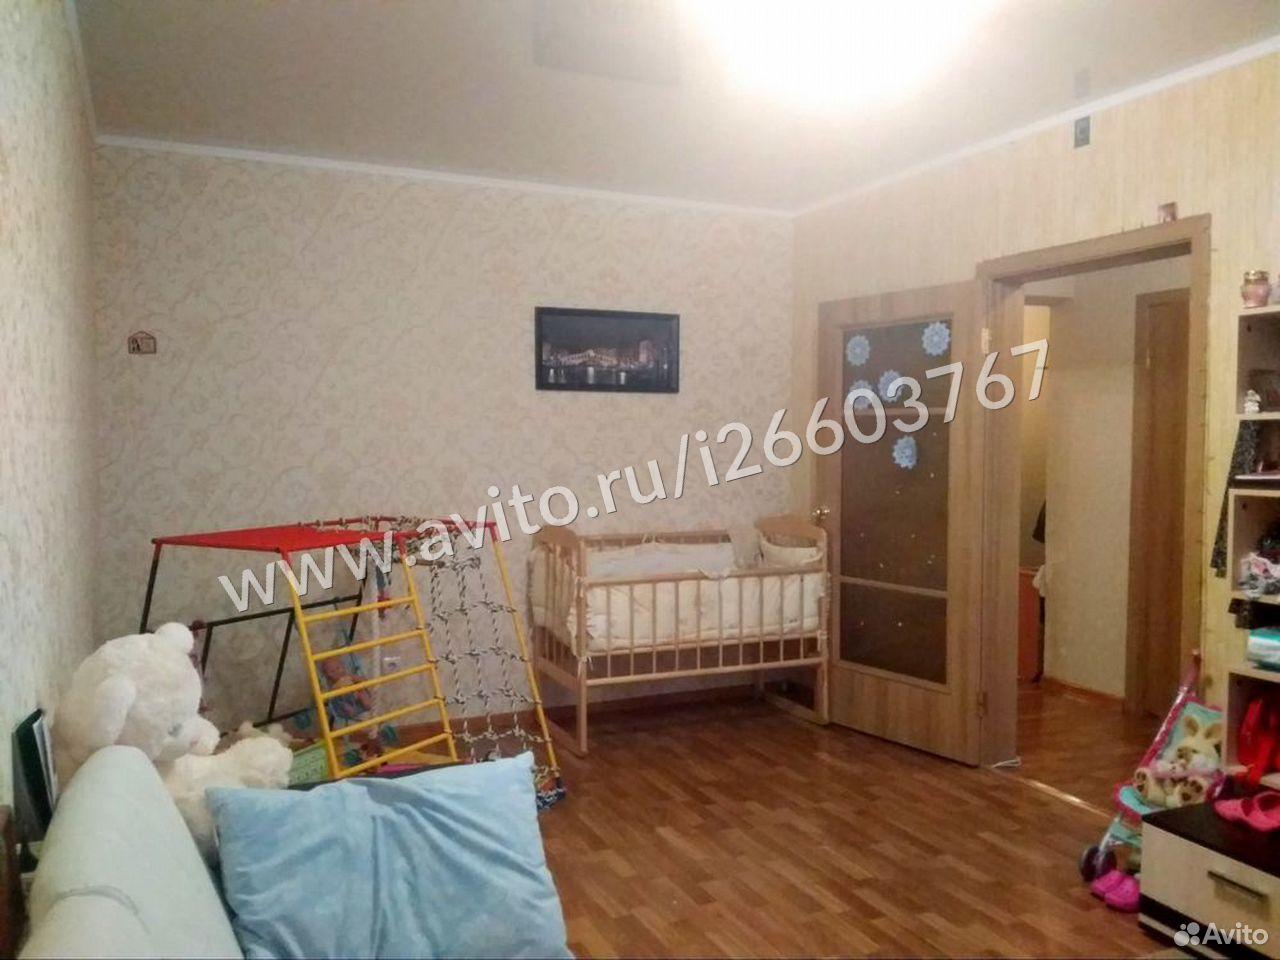 2-к квартира, 60 м², 12/17 эт.